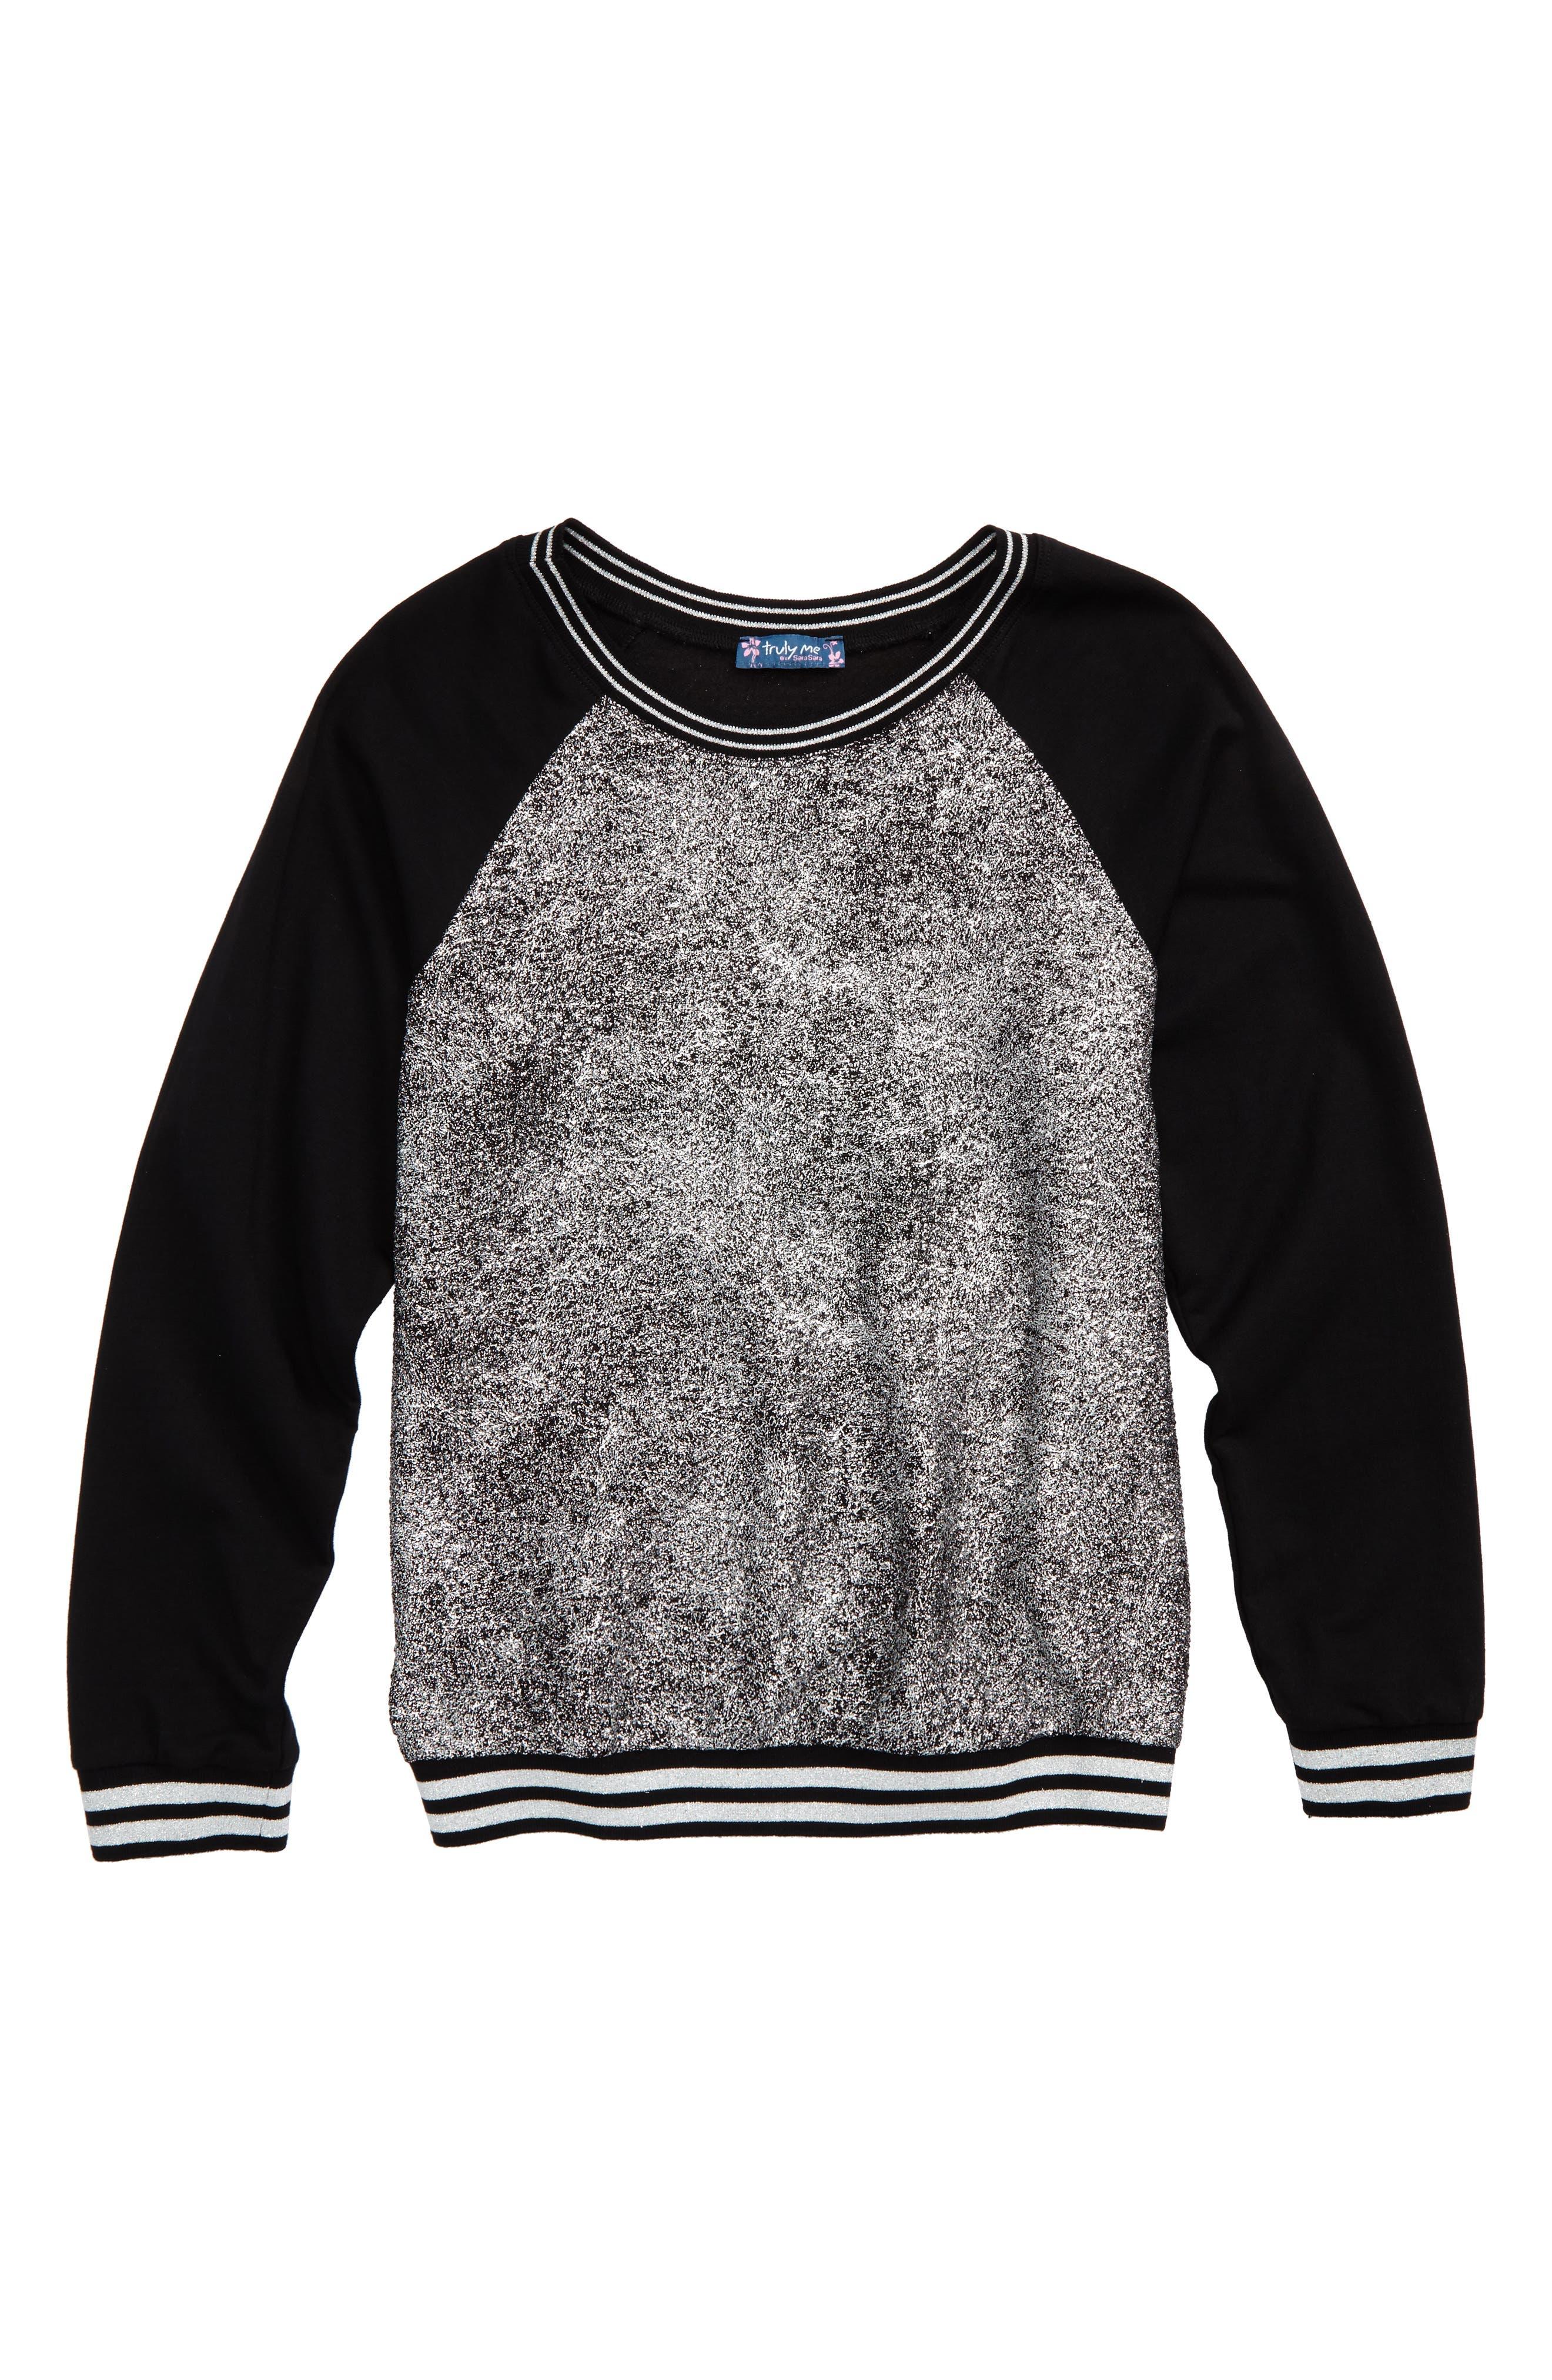 Metallic Sweatshirt,                         Main,                         color, Black/ Silver